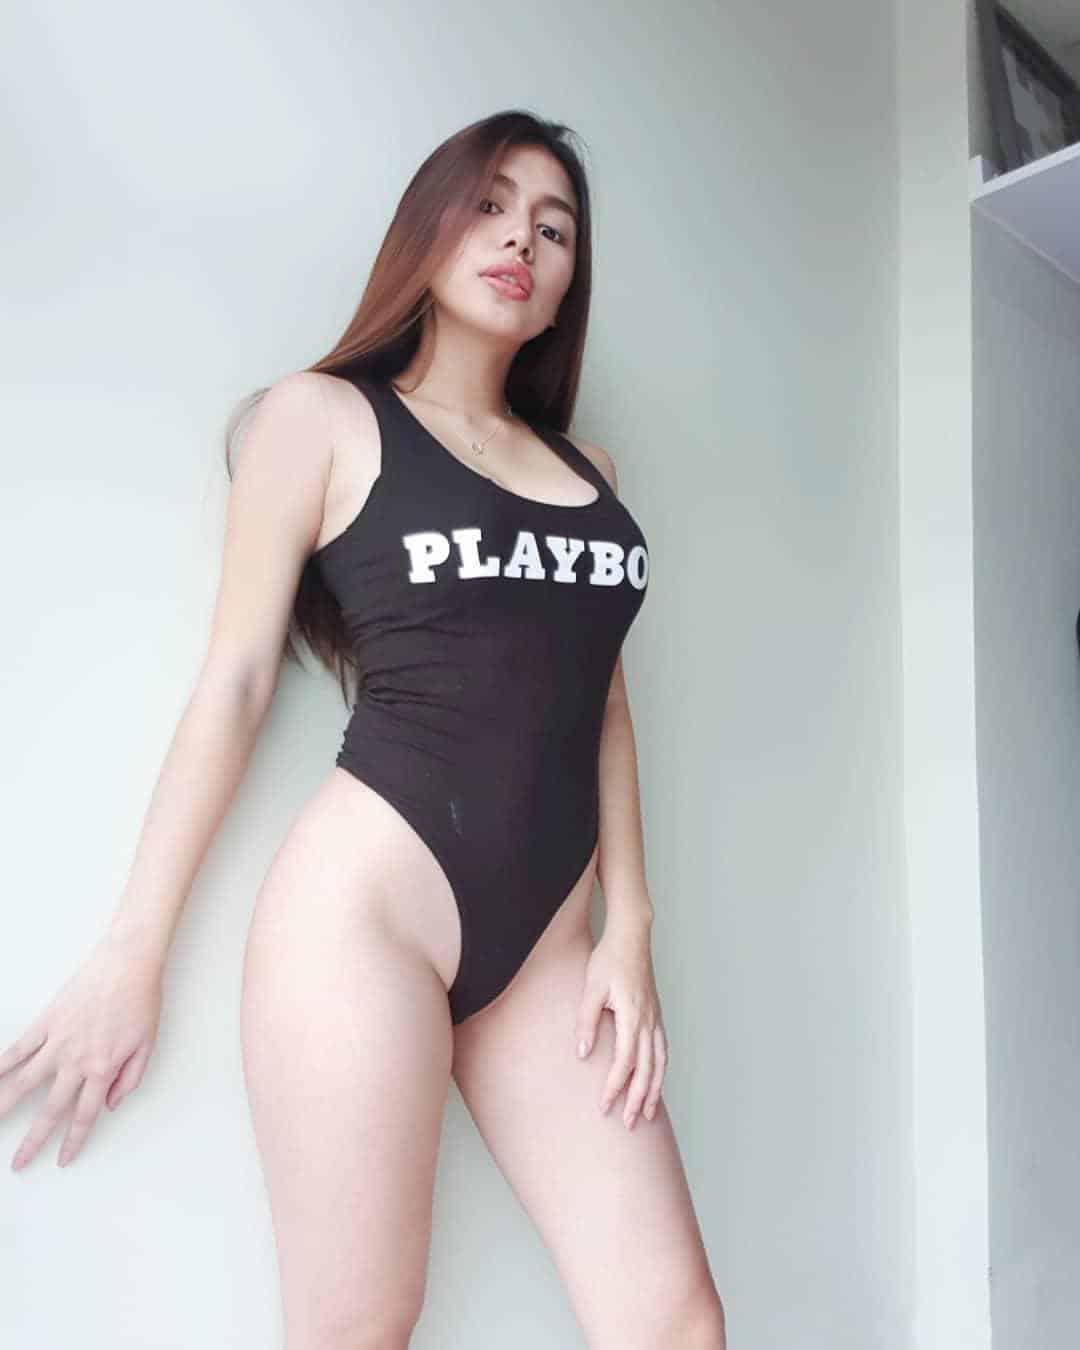 vip_filipino_escorts_971589798305-1605139017-998-e